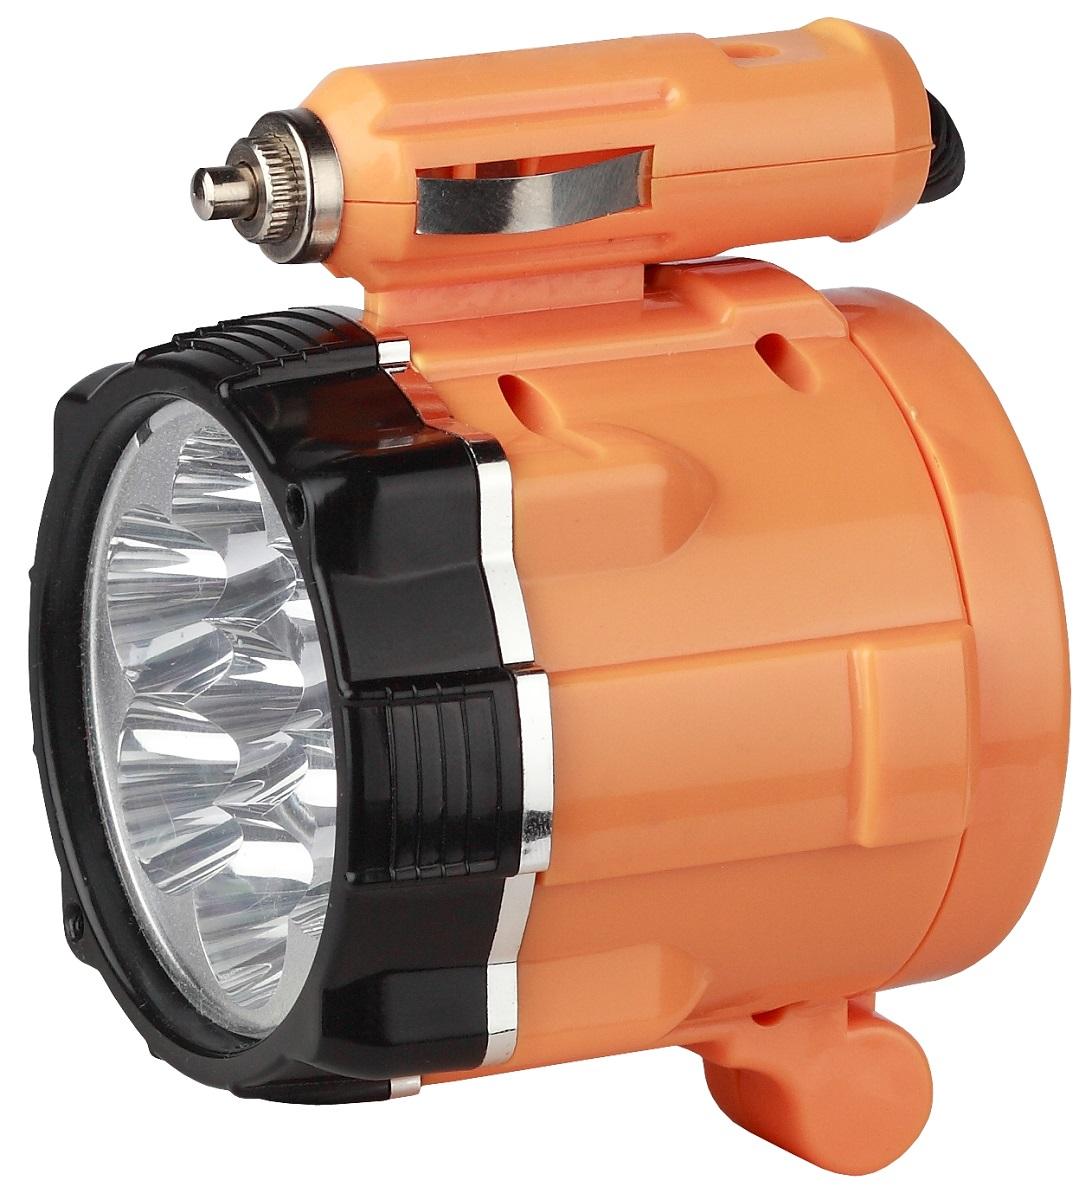 Фонарь ручной Эра A3M, цвет: оранжевый, черныйA3MАвтомобильный осветительный прибор-переноска Эра A3M с семью яркими светодиодными лампами белого цвета LED.Изделие работает от сети автомобиля 12 Вольт.Для более удобного использования фонарь укомплектован трехметровым шнуром питания.Наличие магнита позволяет фиксировать прибор под различными углами.